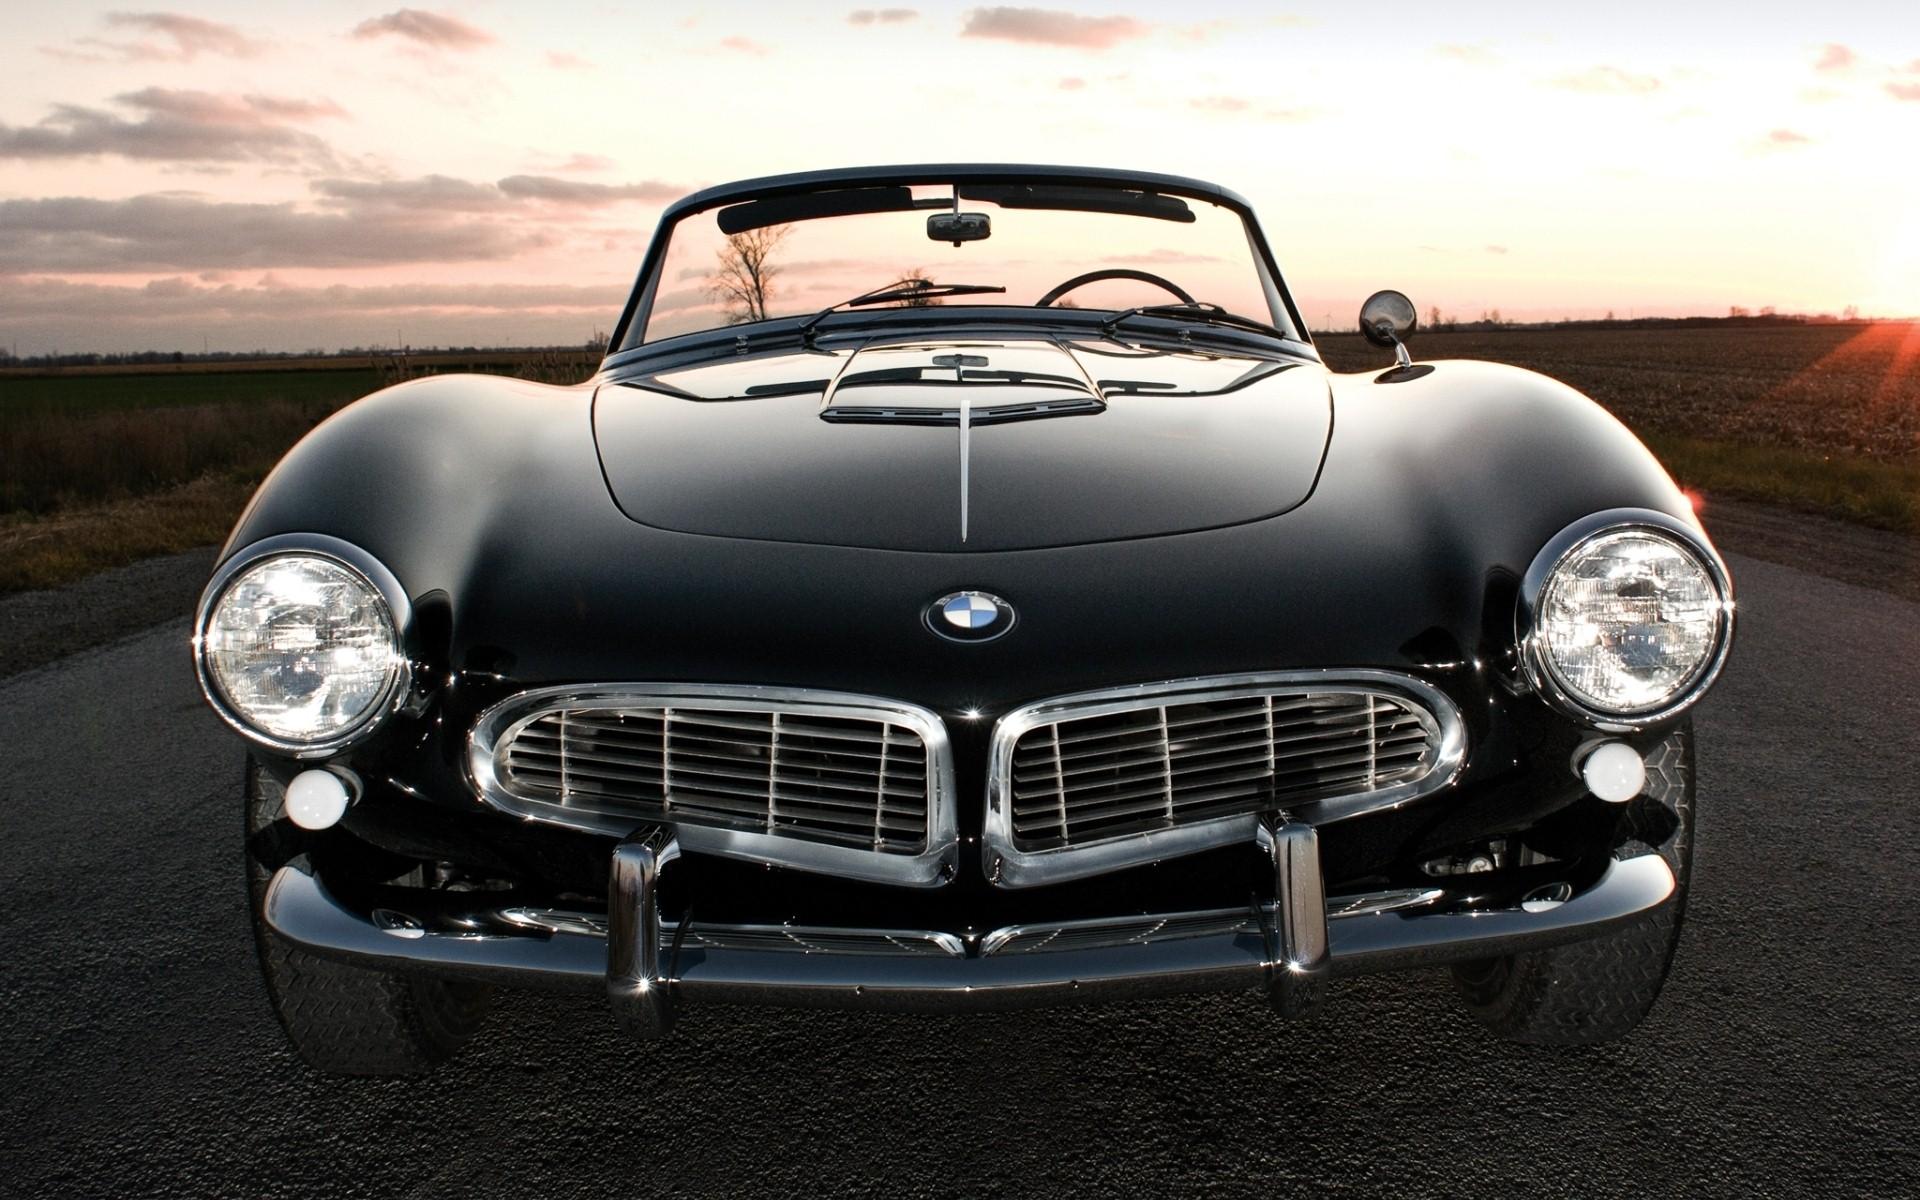 BMW 507 For Sale >> صور سيارات قديمة في اروع خلفيات ورمزيات سيارات تراثية ...